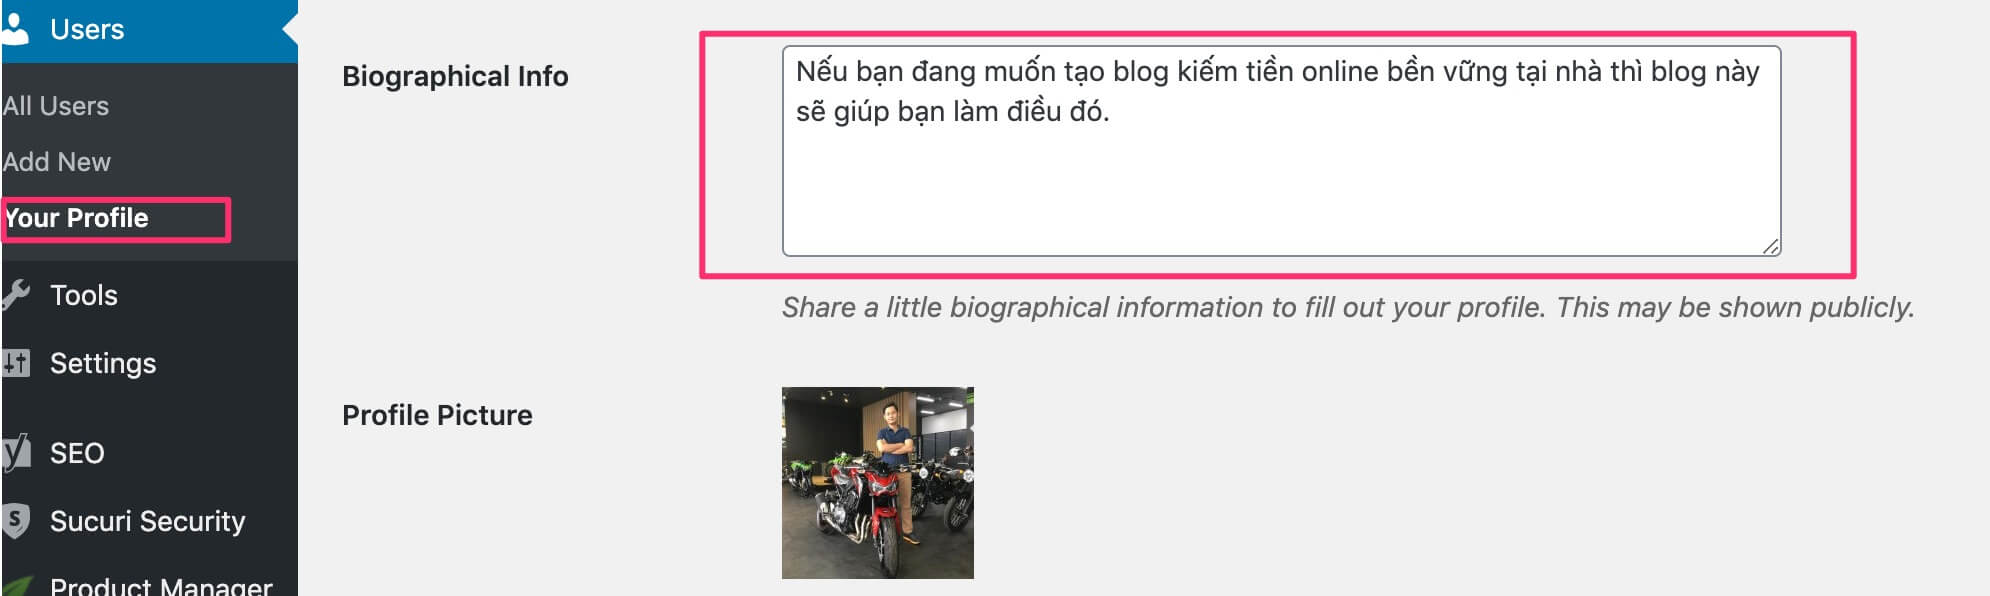 cập nhật bio info cho blog wordpress